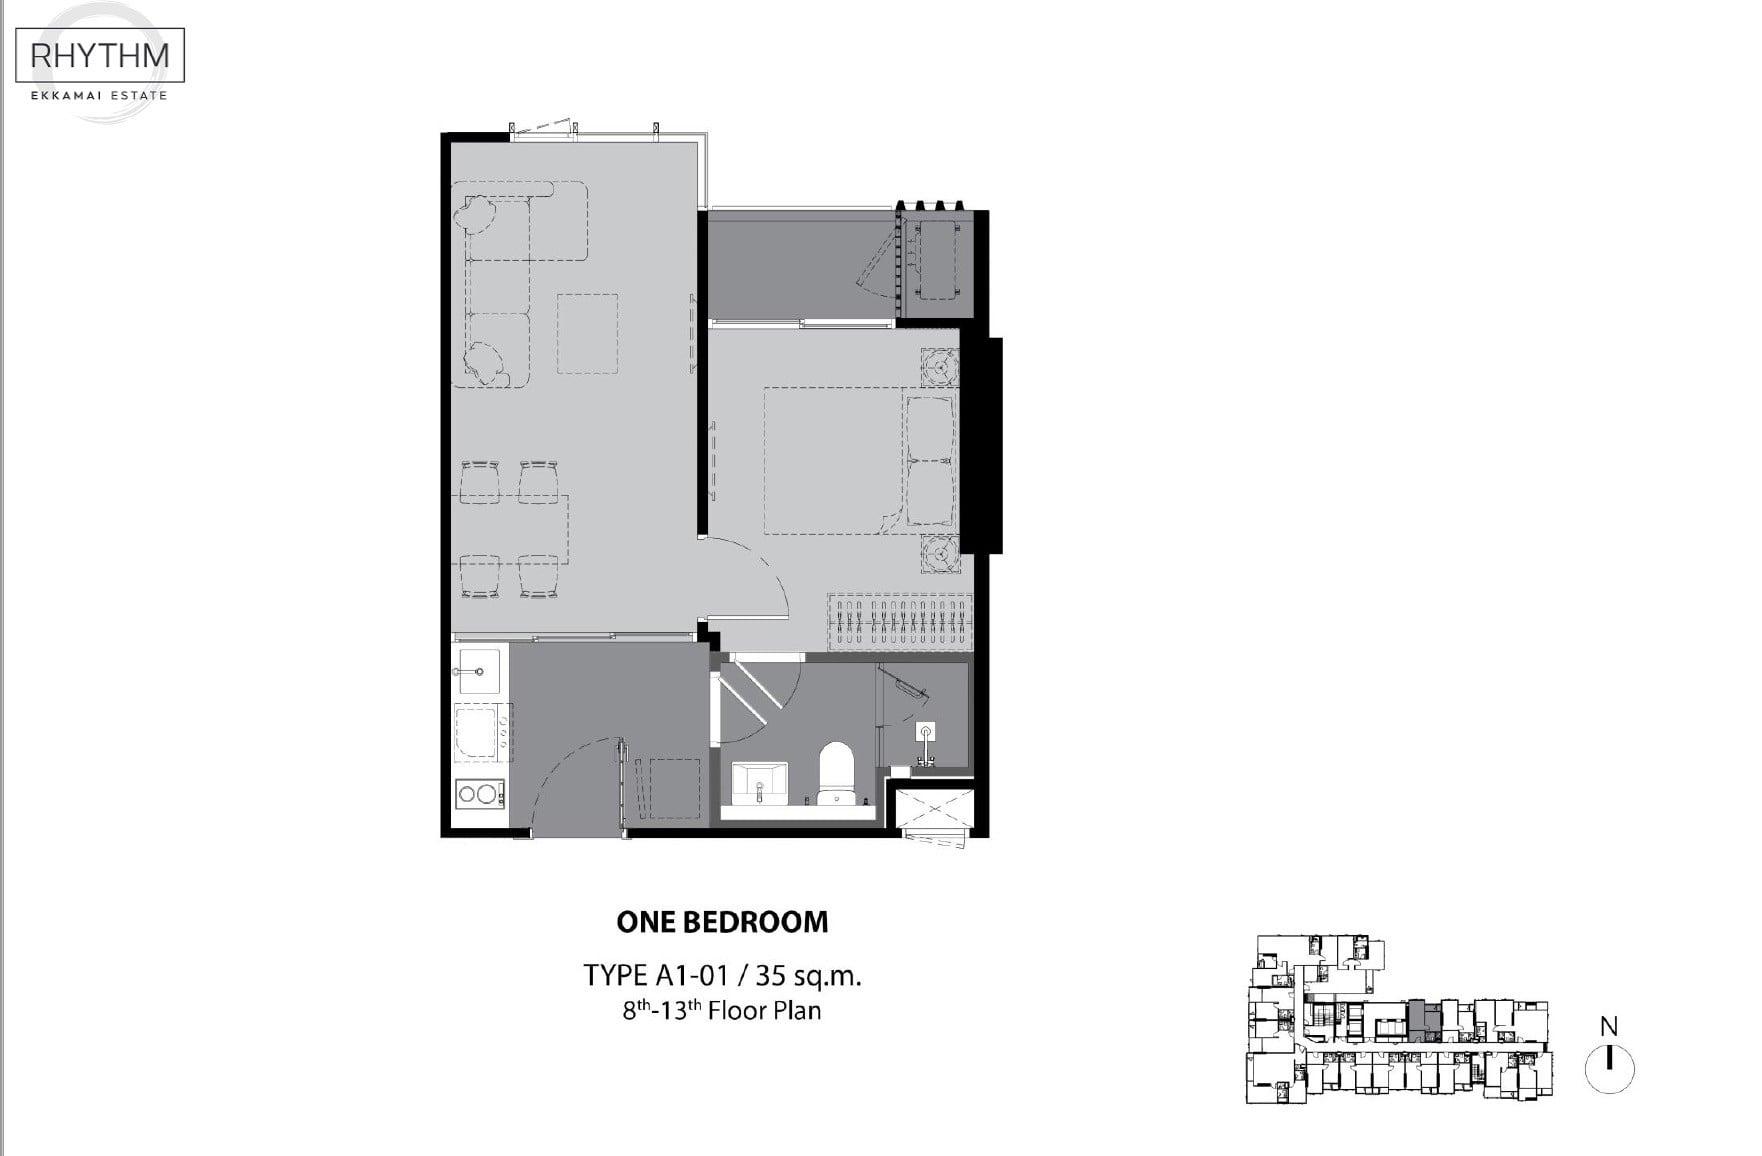 Rhythm-Ekkamai-Estate-Floor Plan 1BR-35sqm